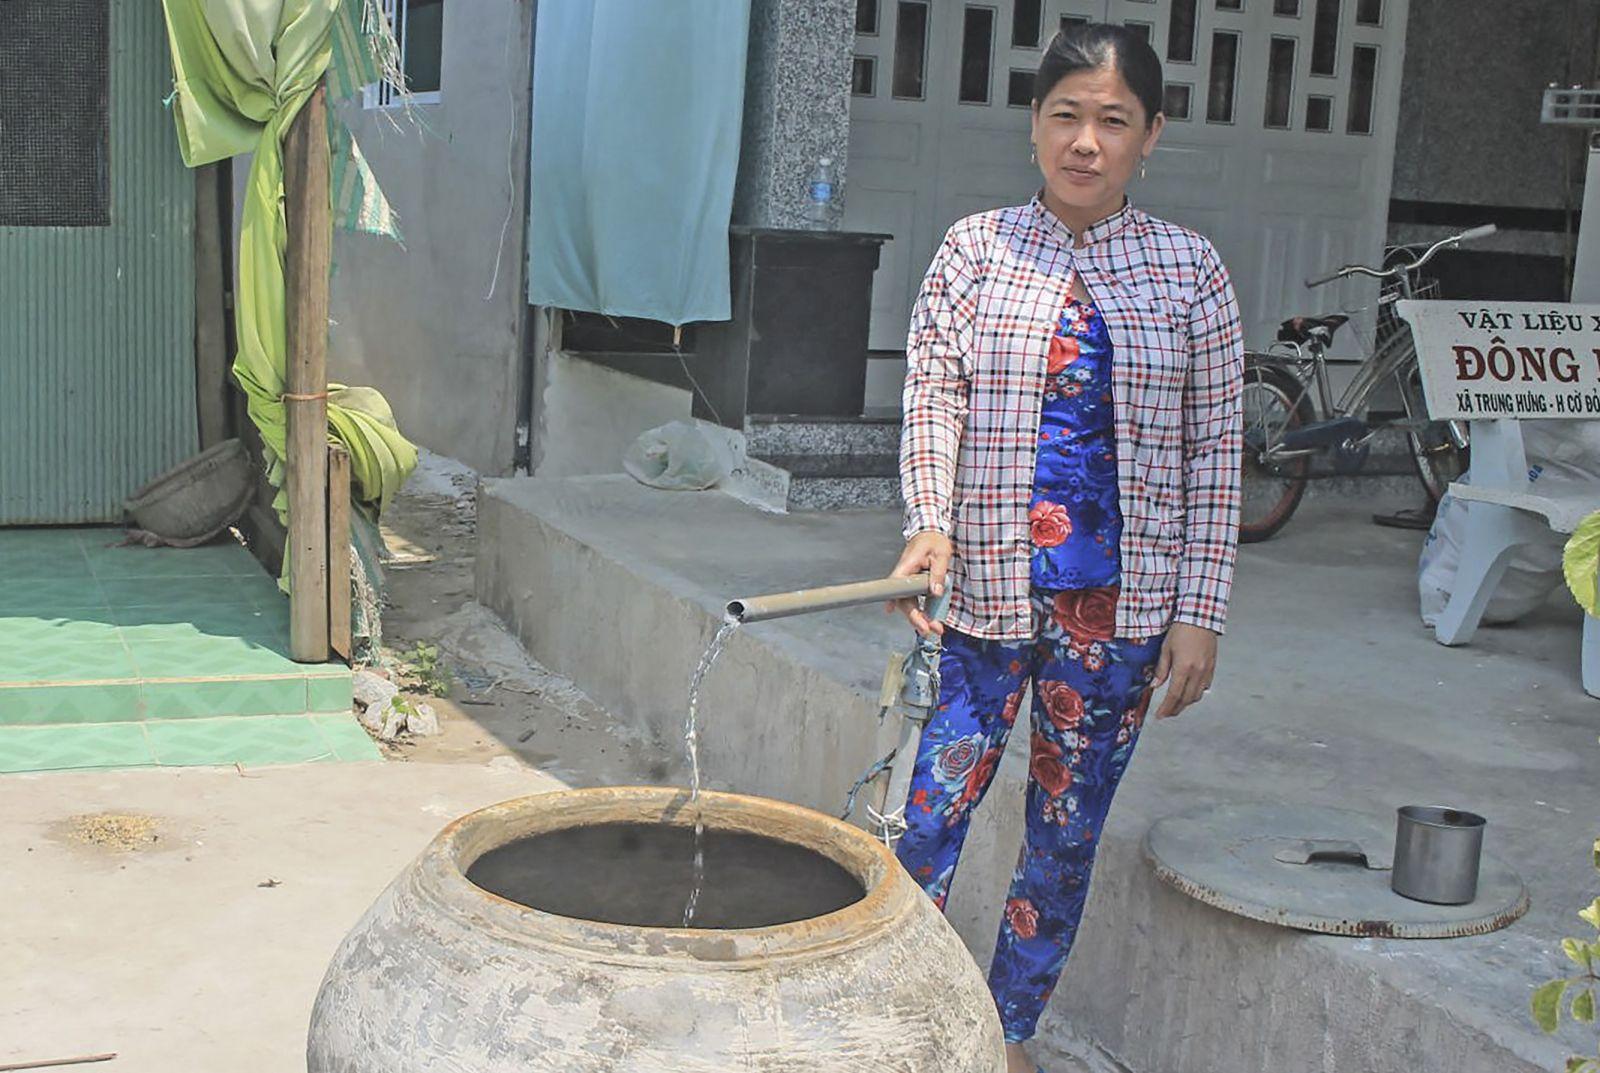 Sử dụng nước sạch tại hộ bà Trần Thị Mỹ Thanh, xã Thạnh Phú, huyện Cờ Đỏ, TP Cần Thơ. Ảnh: KHÁNH TRUNG